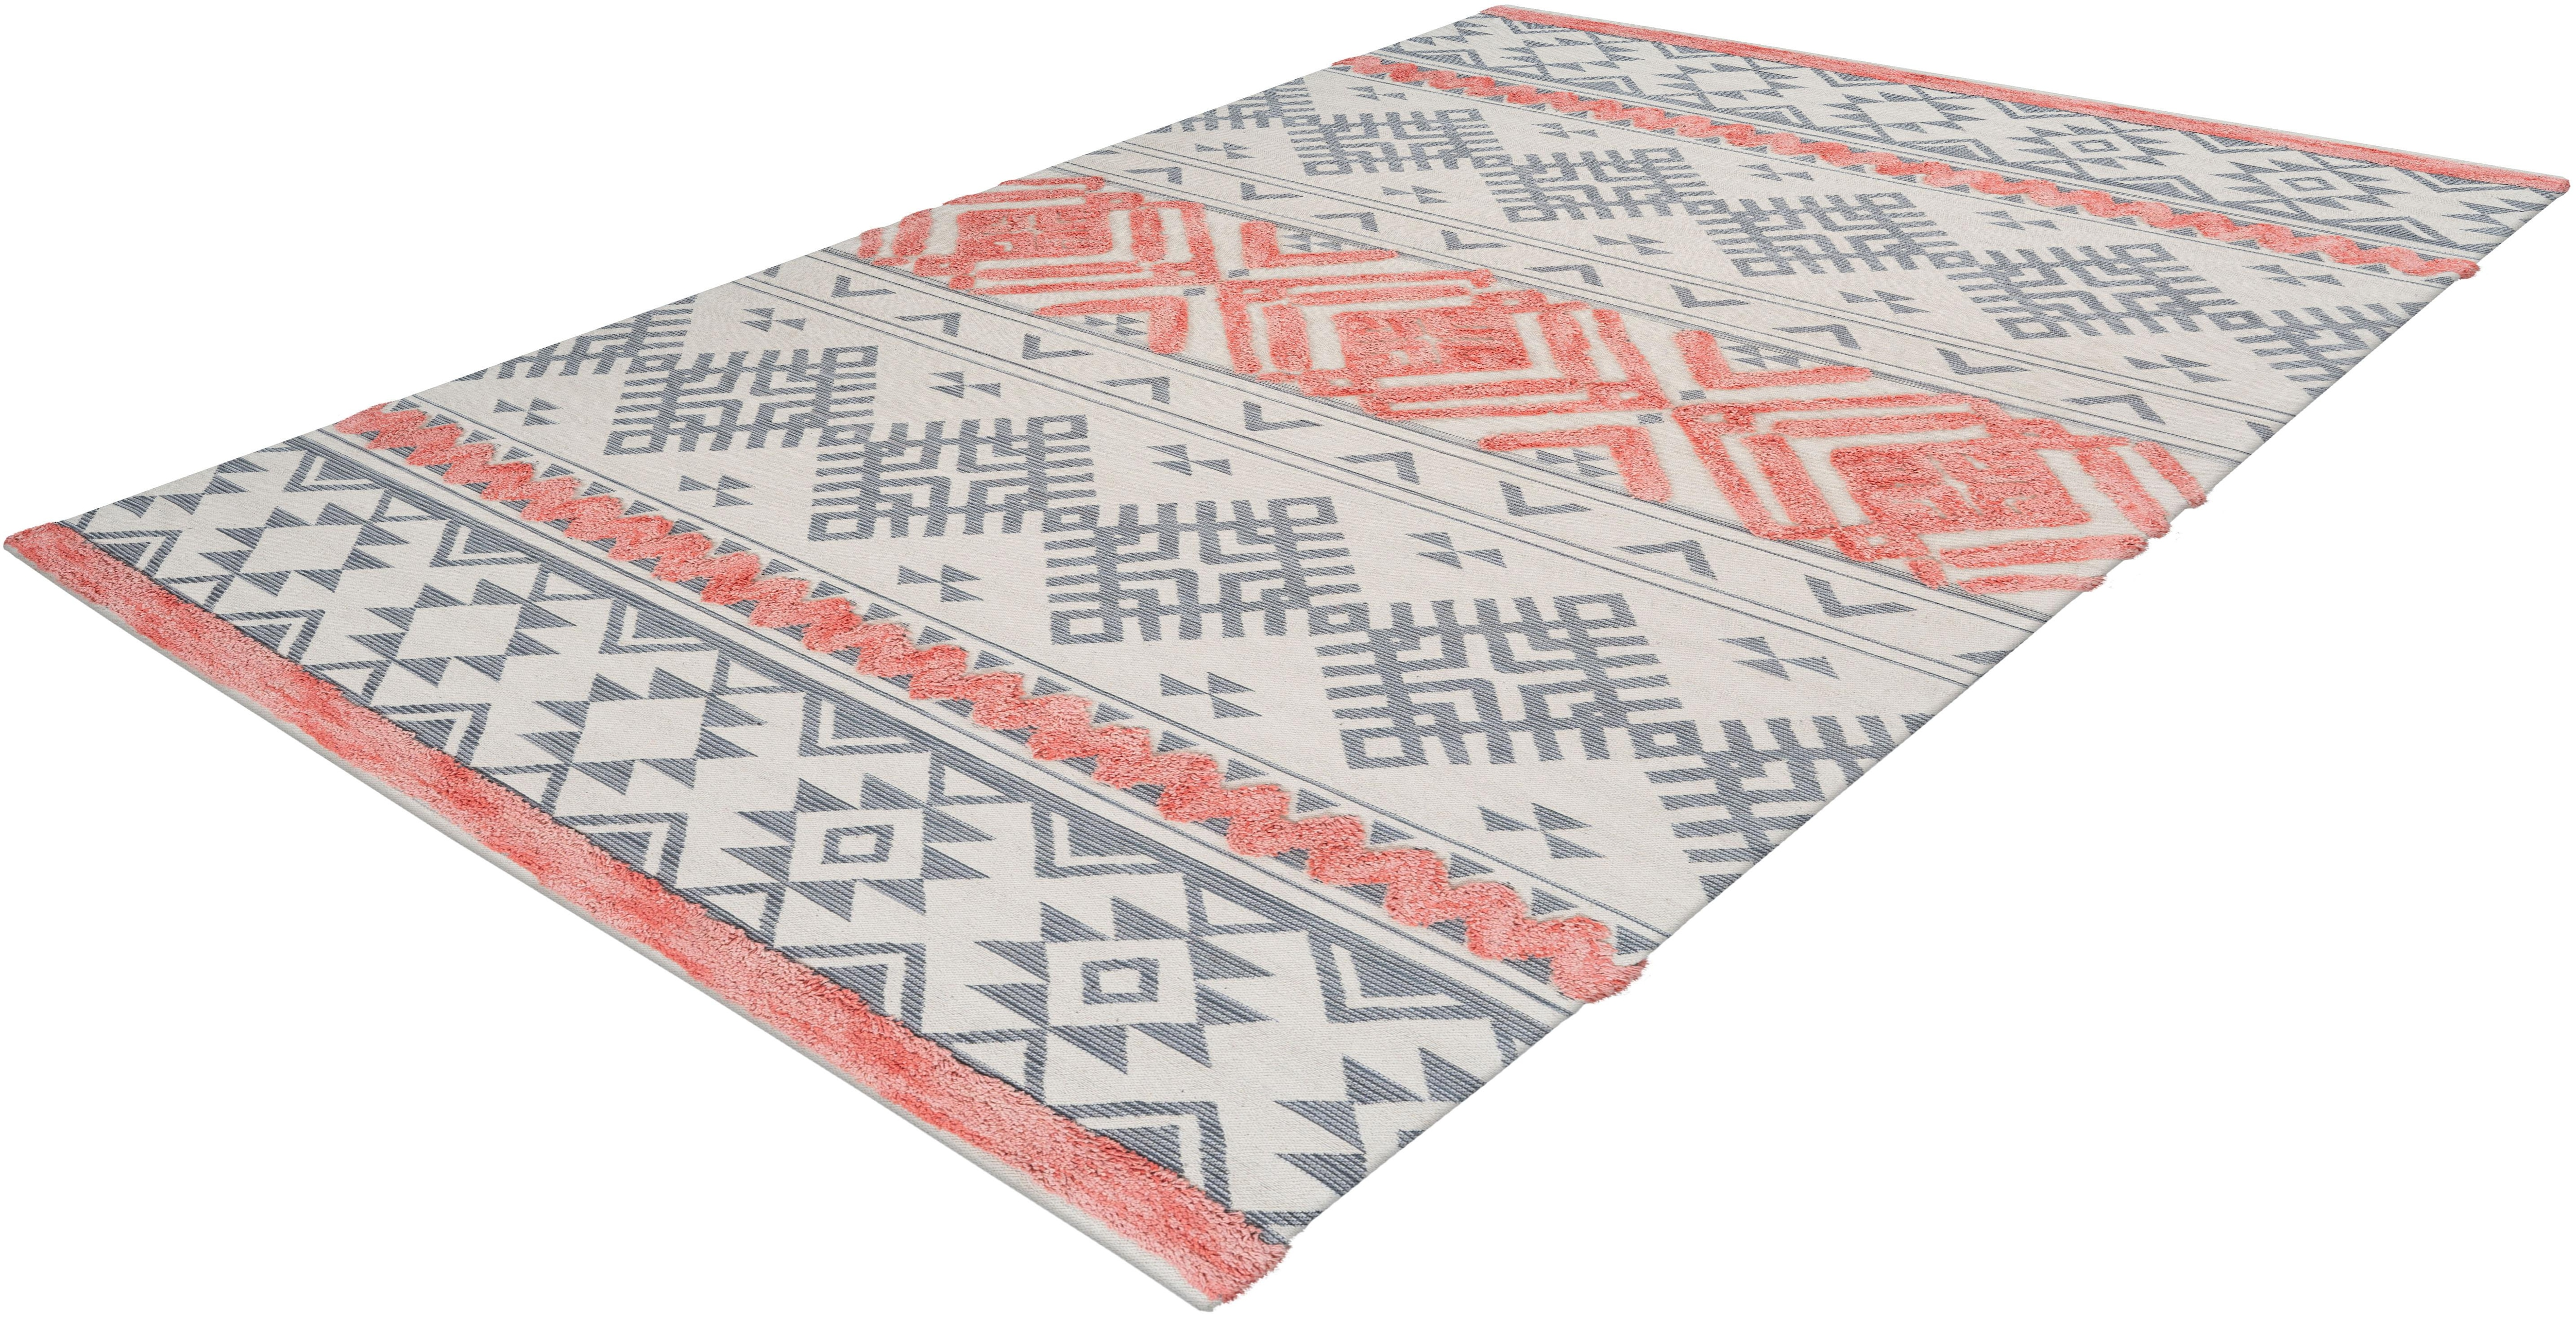 Teppich Ethnie 200 Arte Espina rechteckig Höhe 10 mm maschinell gewebt